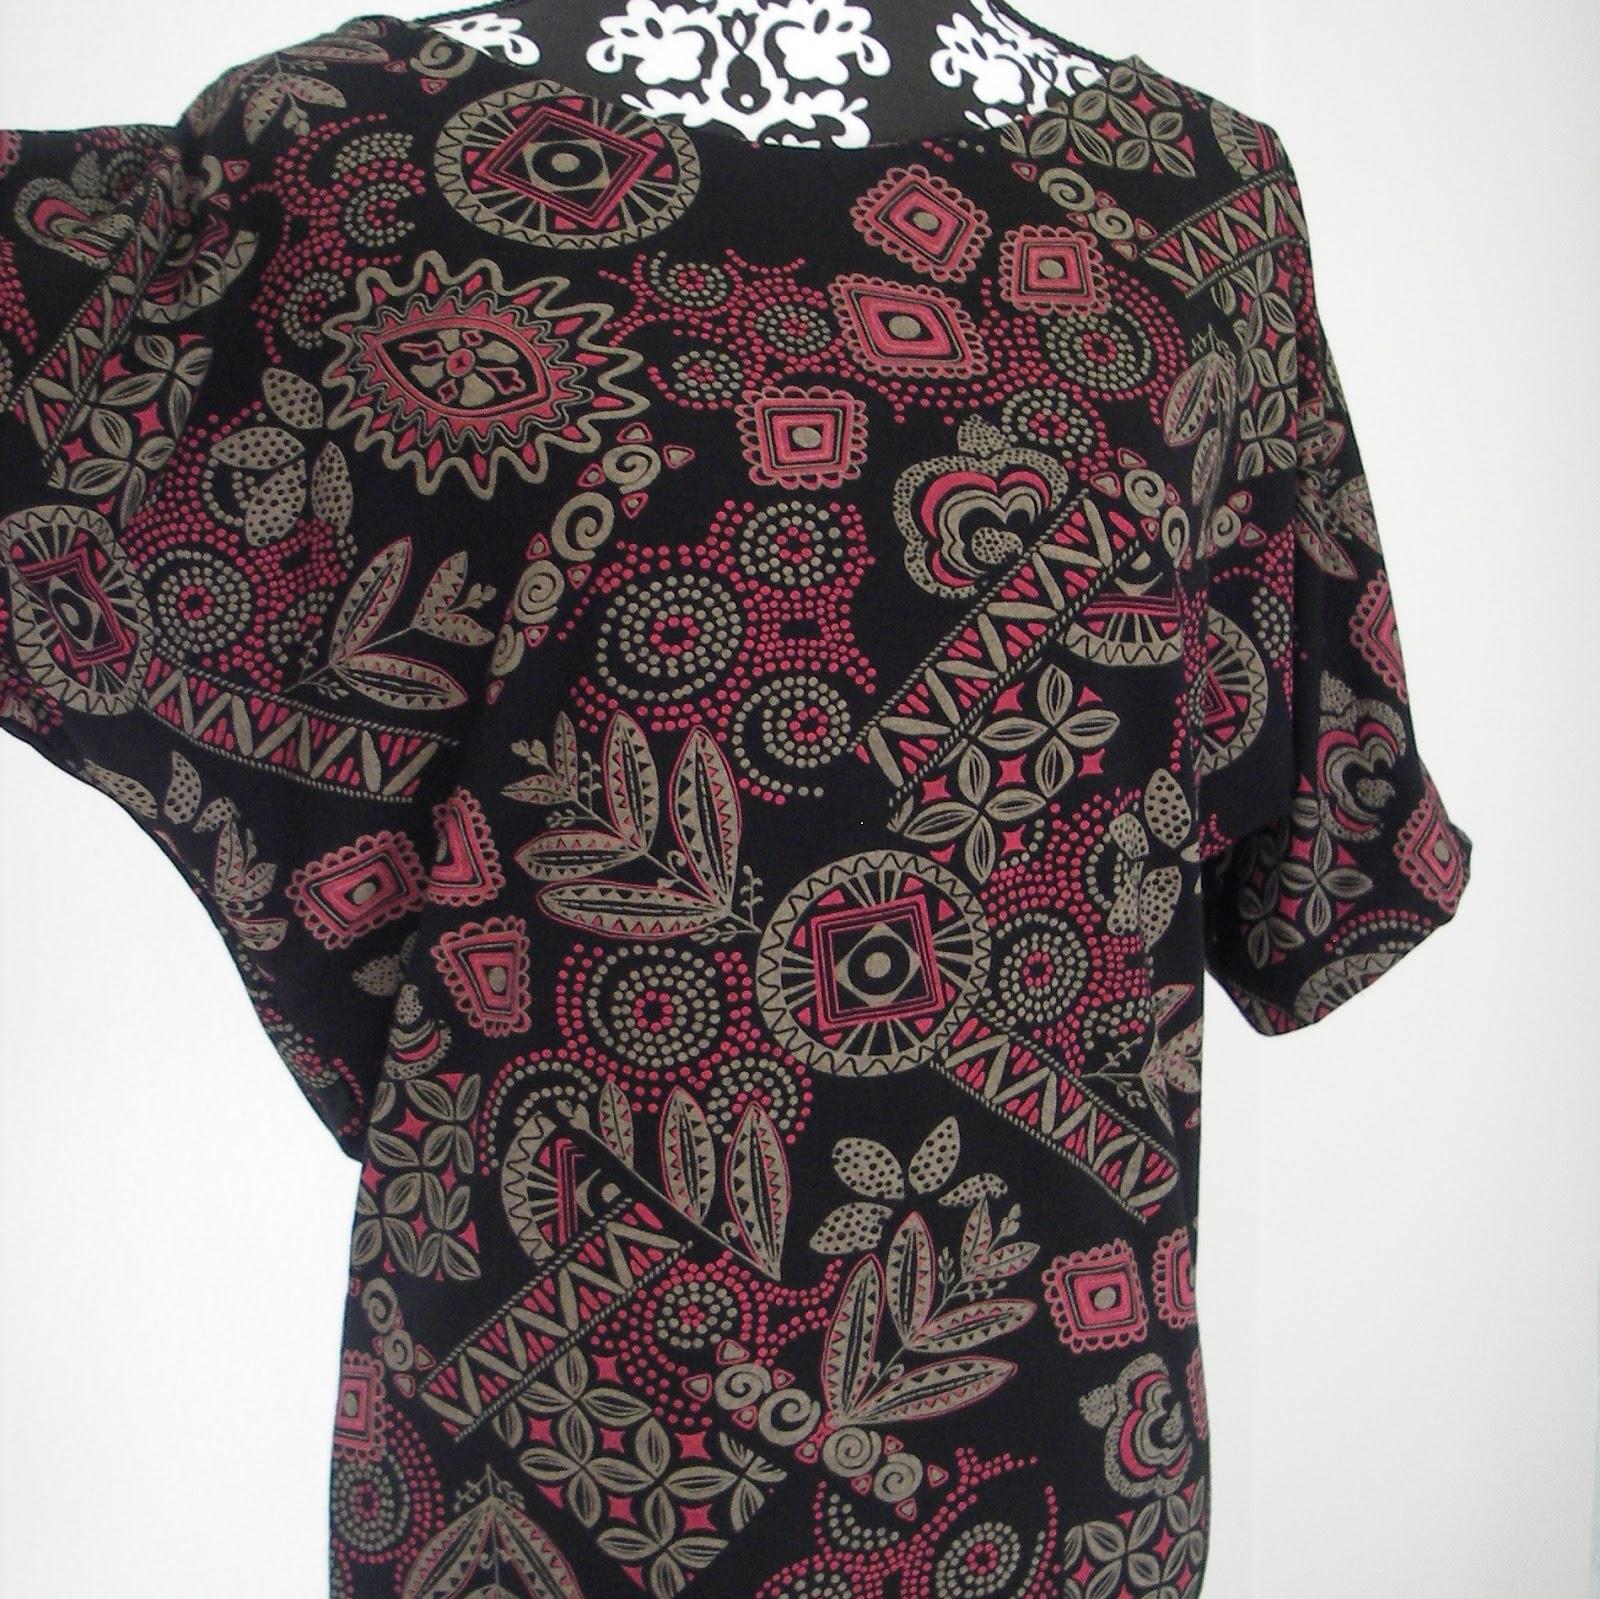 Gratisanleitung für Shirt mit Fledermaus-Ärmel | Schnittmuster und ...